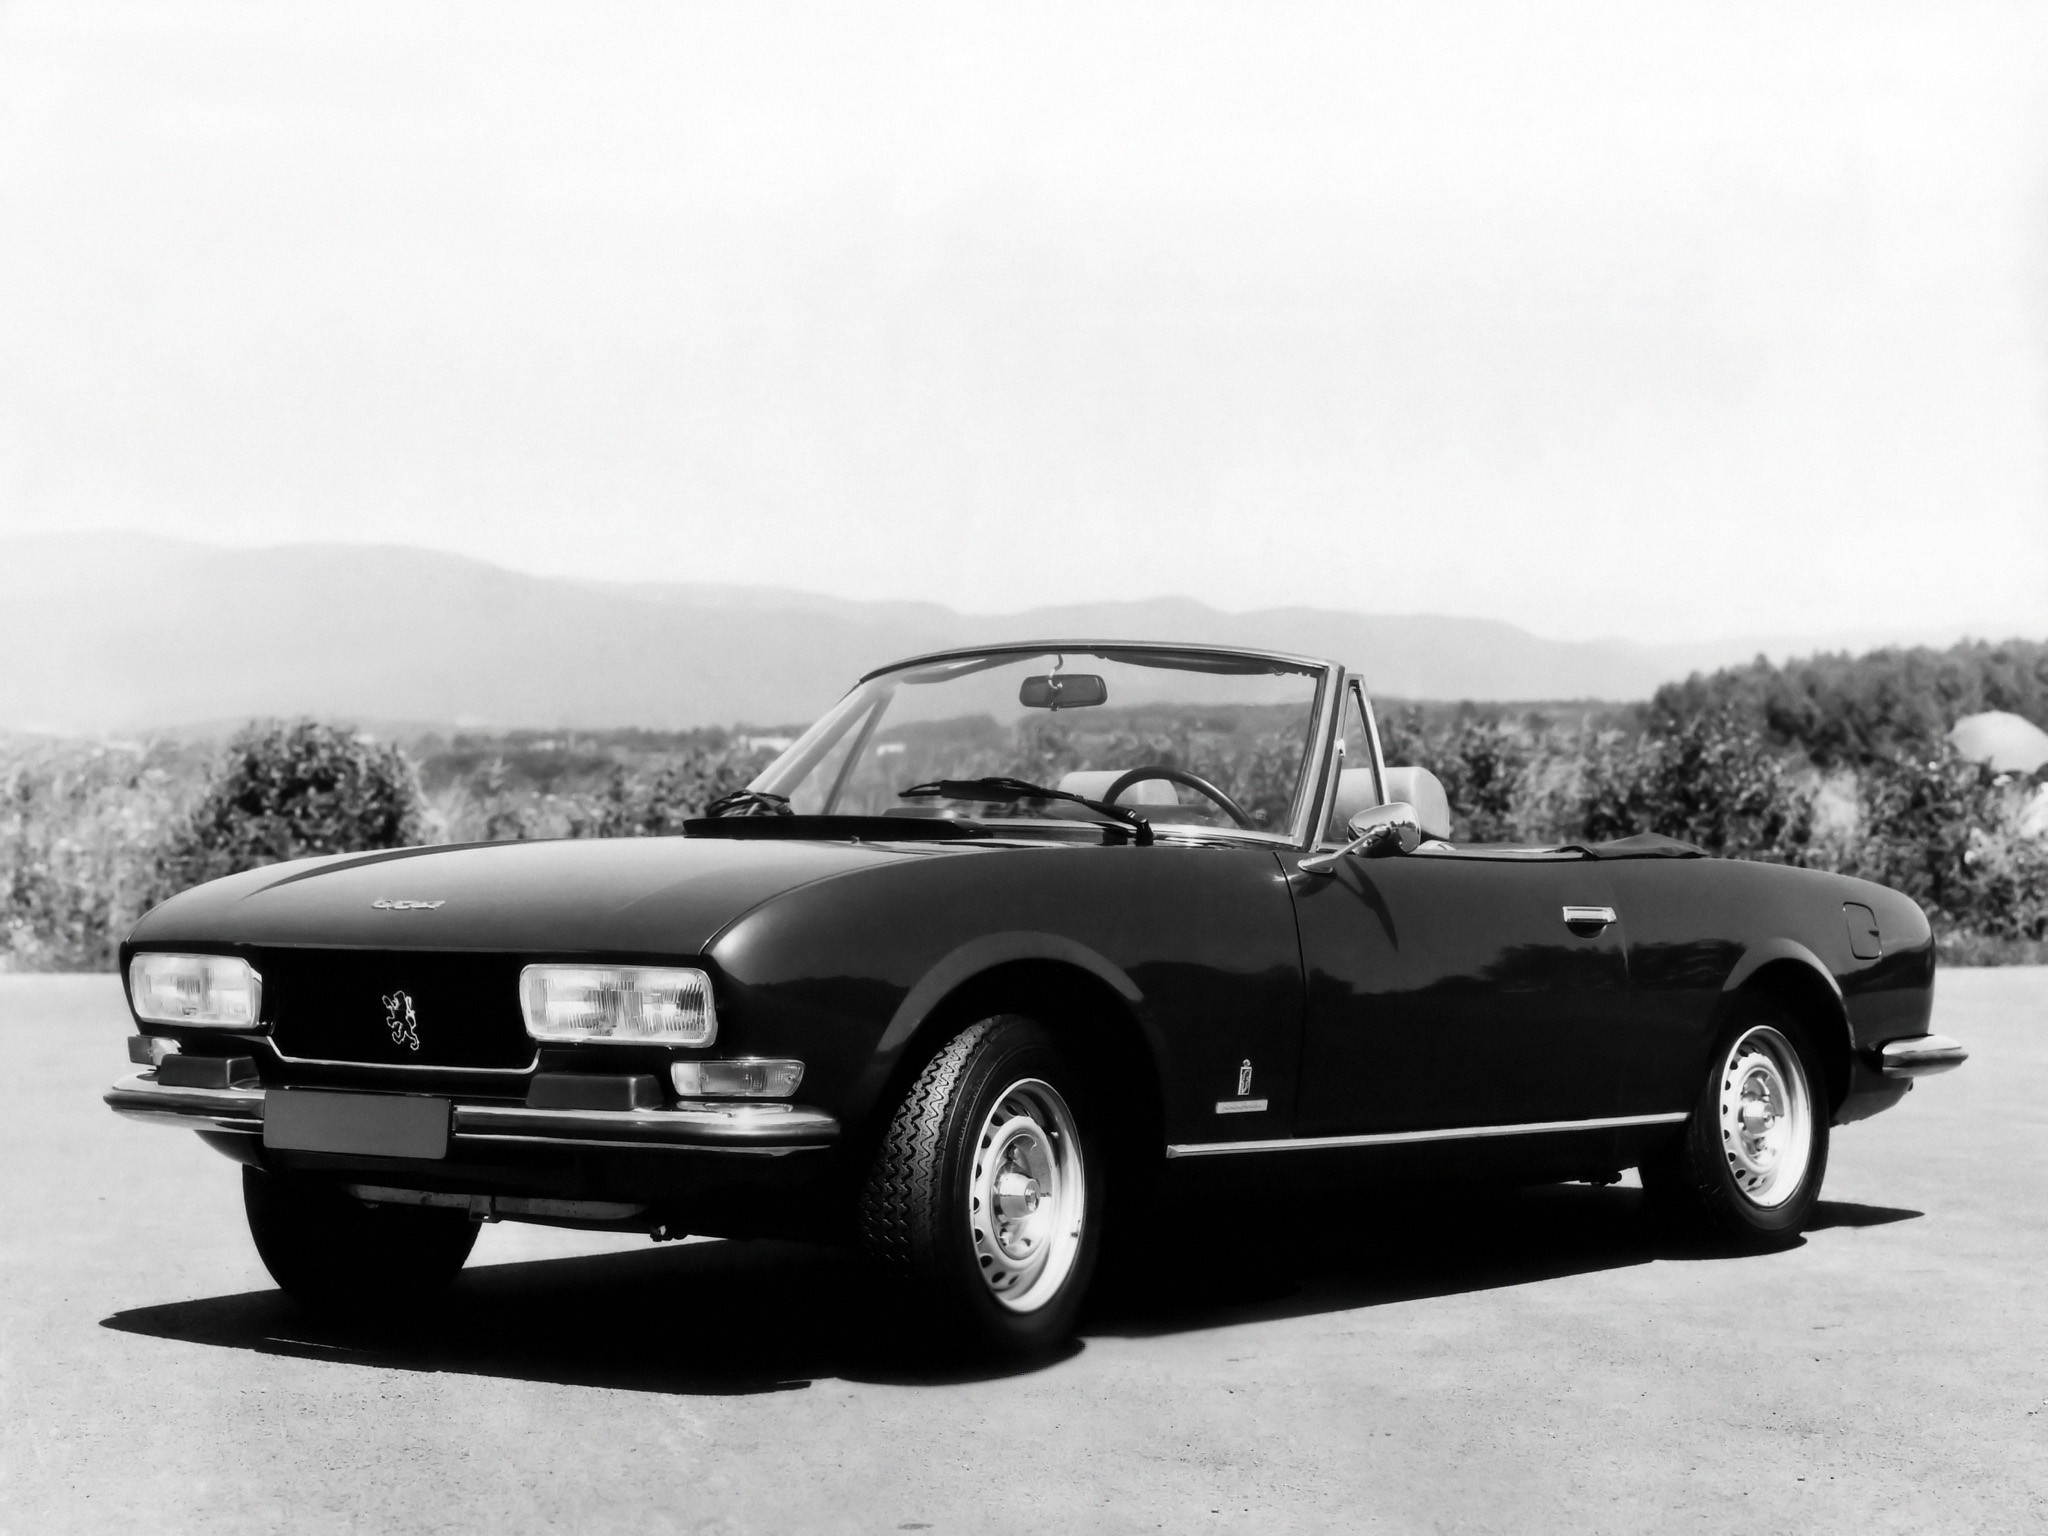 Cheap Car Finder >> PEUGEOT 504 Cabriolet - 1974, 1975, 1976, 1977, 1978, 1979, 1980, 1981, 1982 - autoevolution